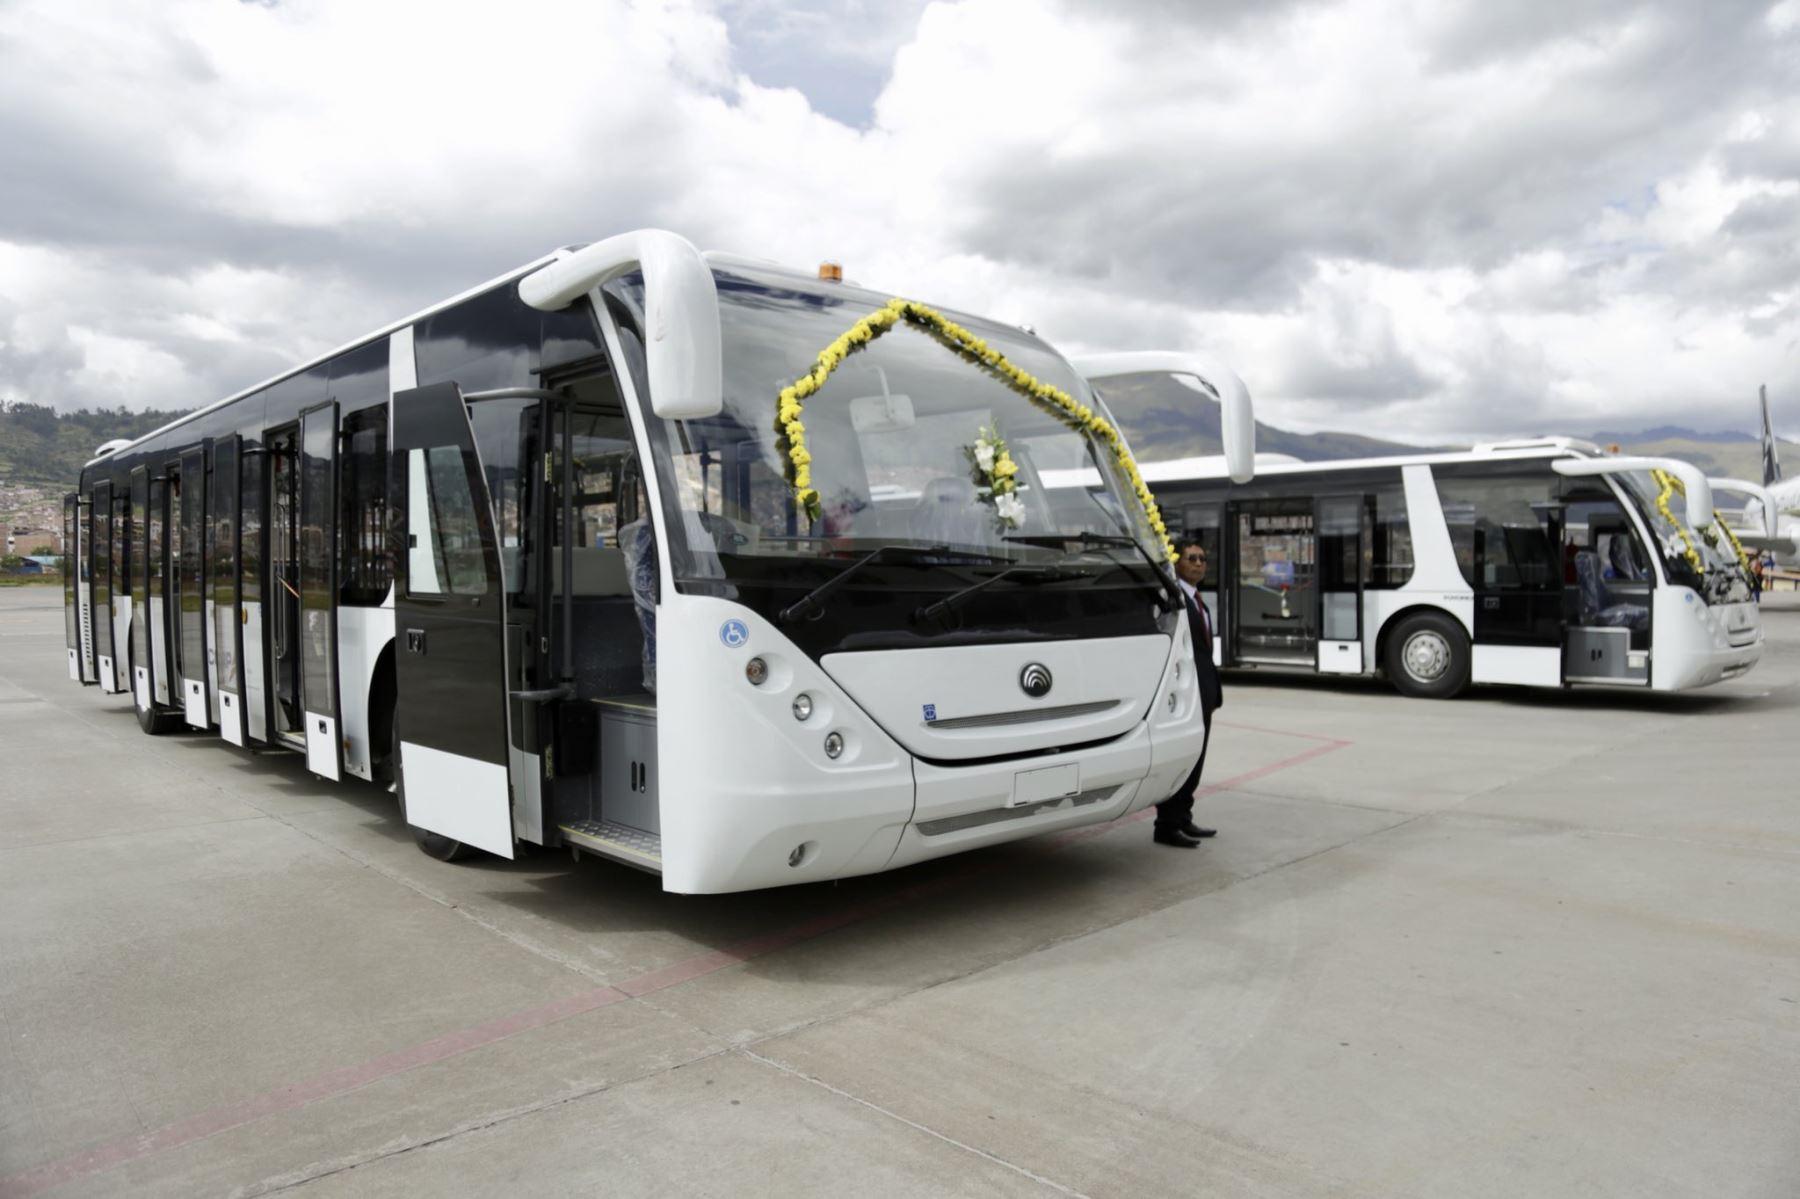 Corpac adquiere buses para mejorar la atención y servicio en el aeropuerto Alejandro Velasco Astete de Cusco. ANDINA/Difusión